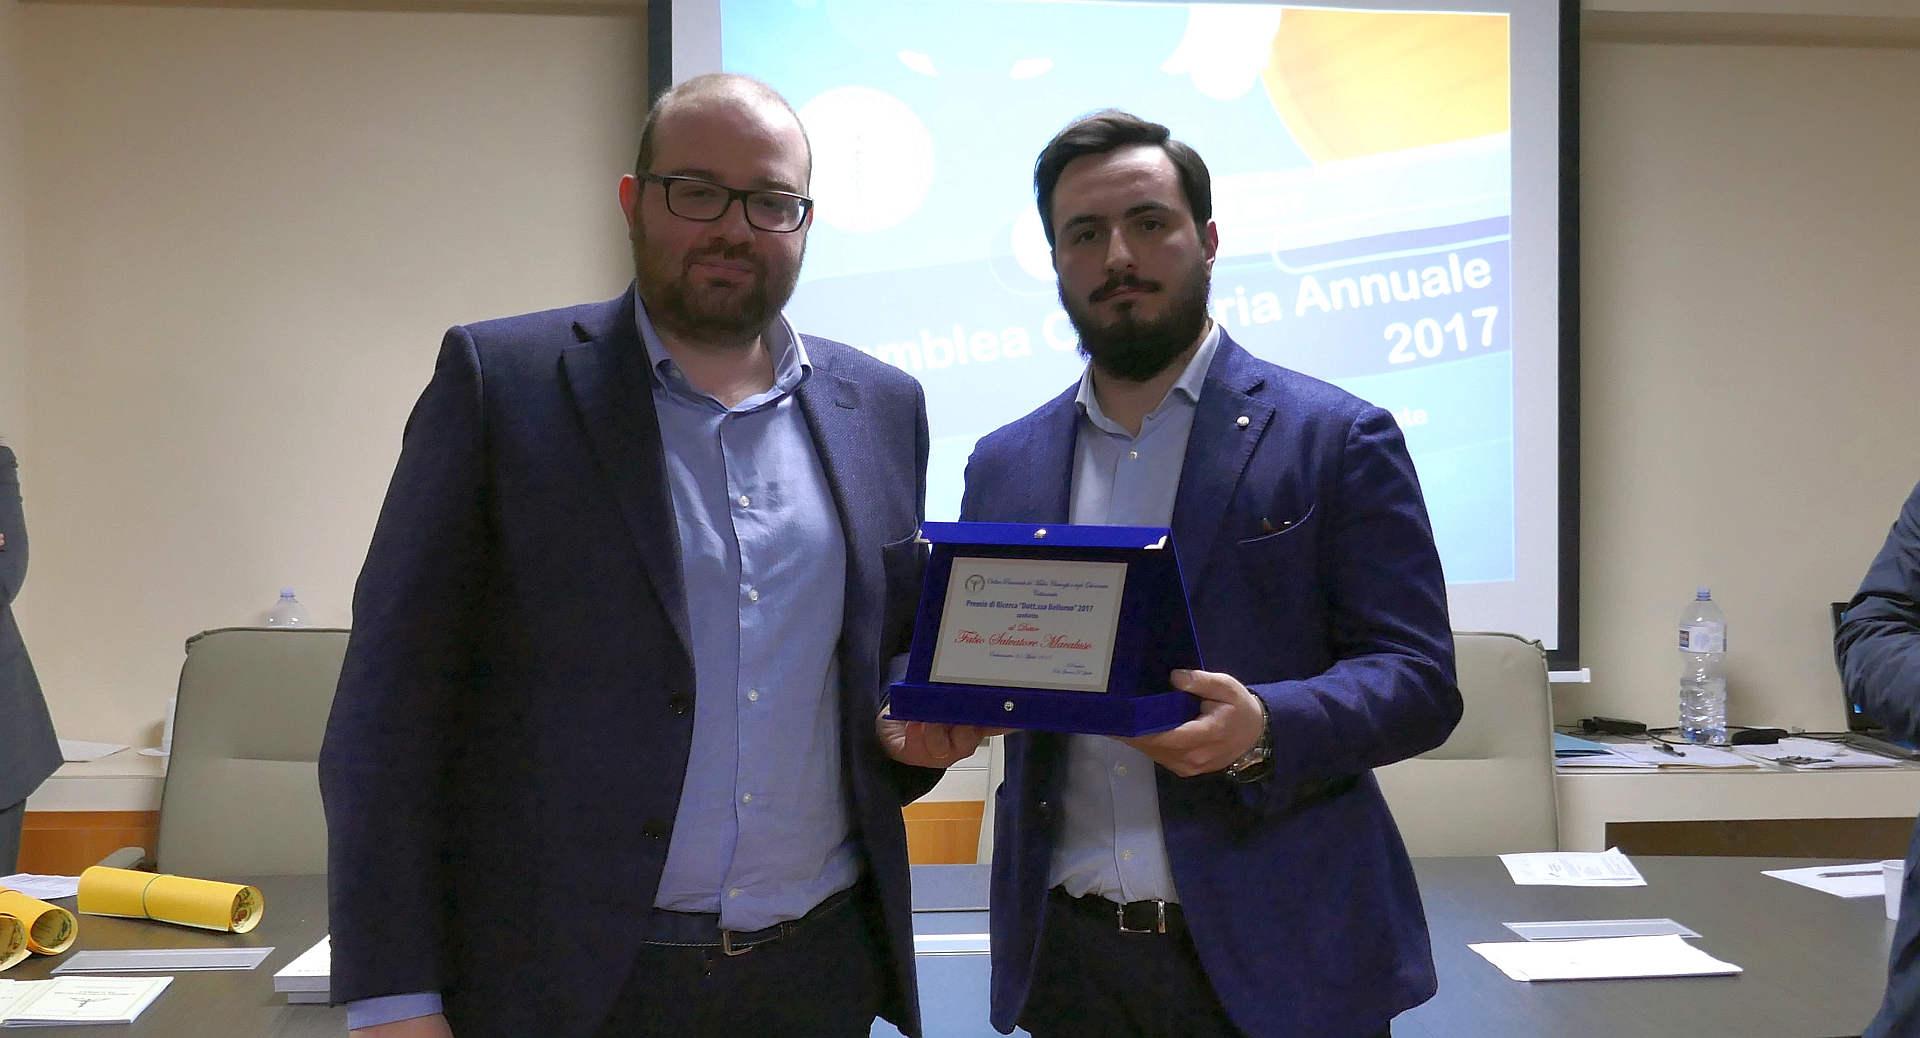 Fabio Macaluso (a sinistra) riceve il premio di ricerca